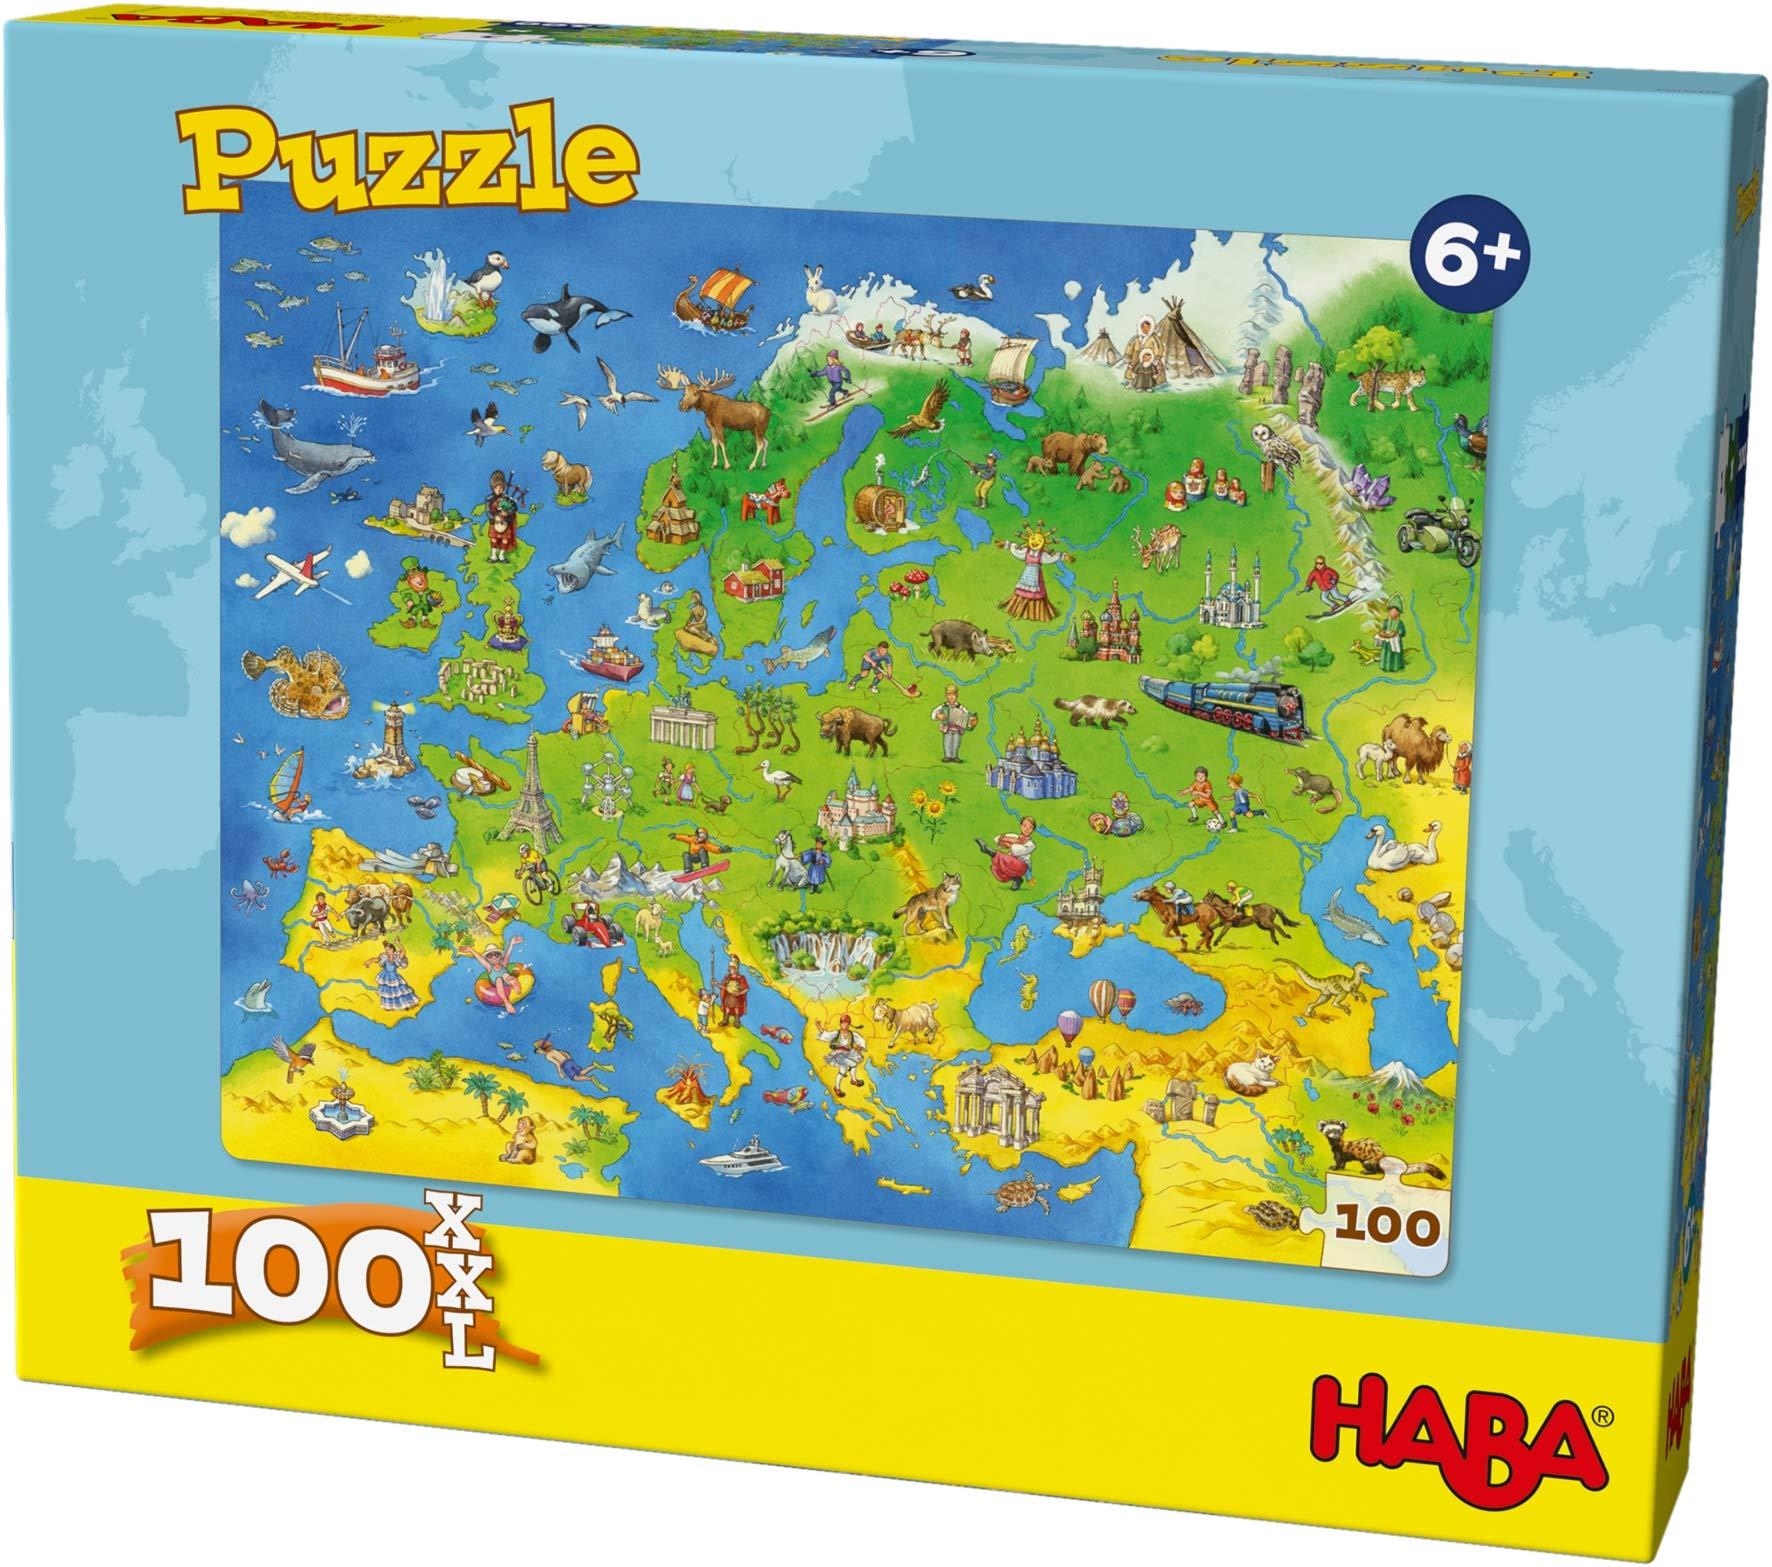 HABA 304220 – 欧洲国家拼图,100块,XXL 格式拼图 带世界地图主题,适用于6岁以上儿童